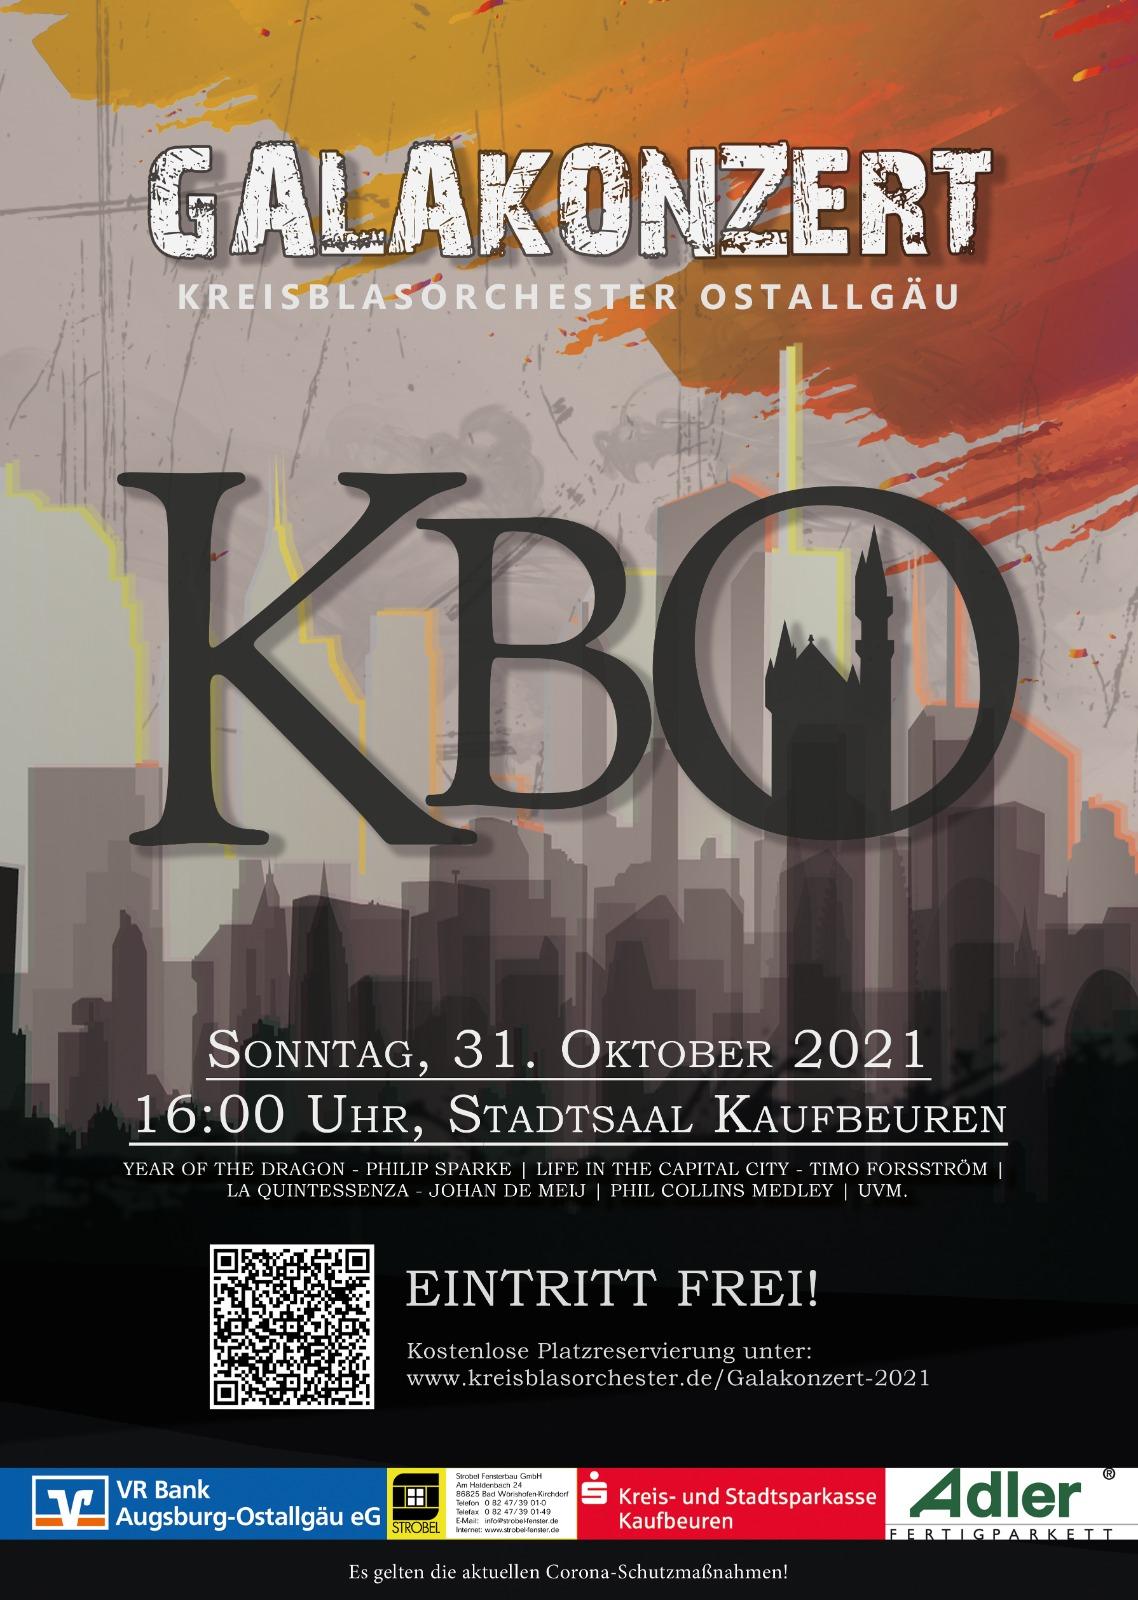 Galakonzert 2021 - Kreisblasorchester Ostallgäu